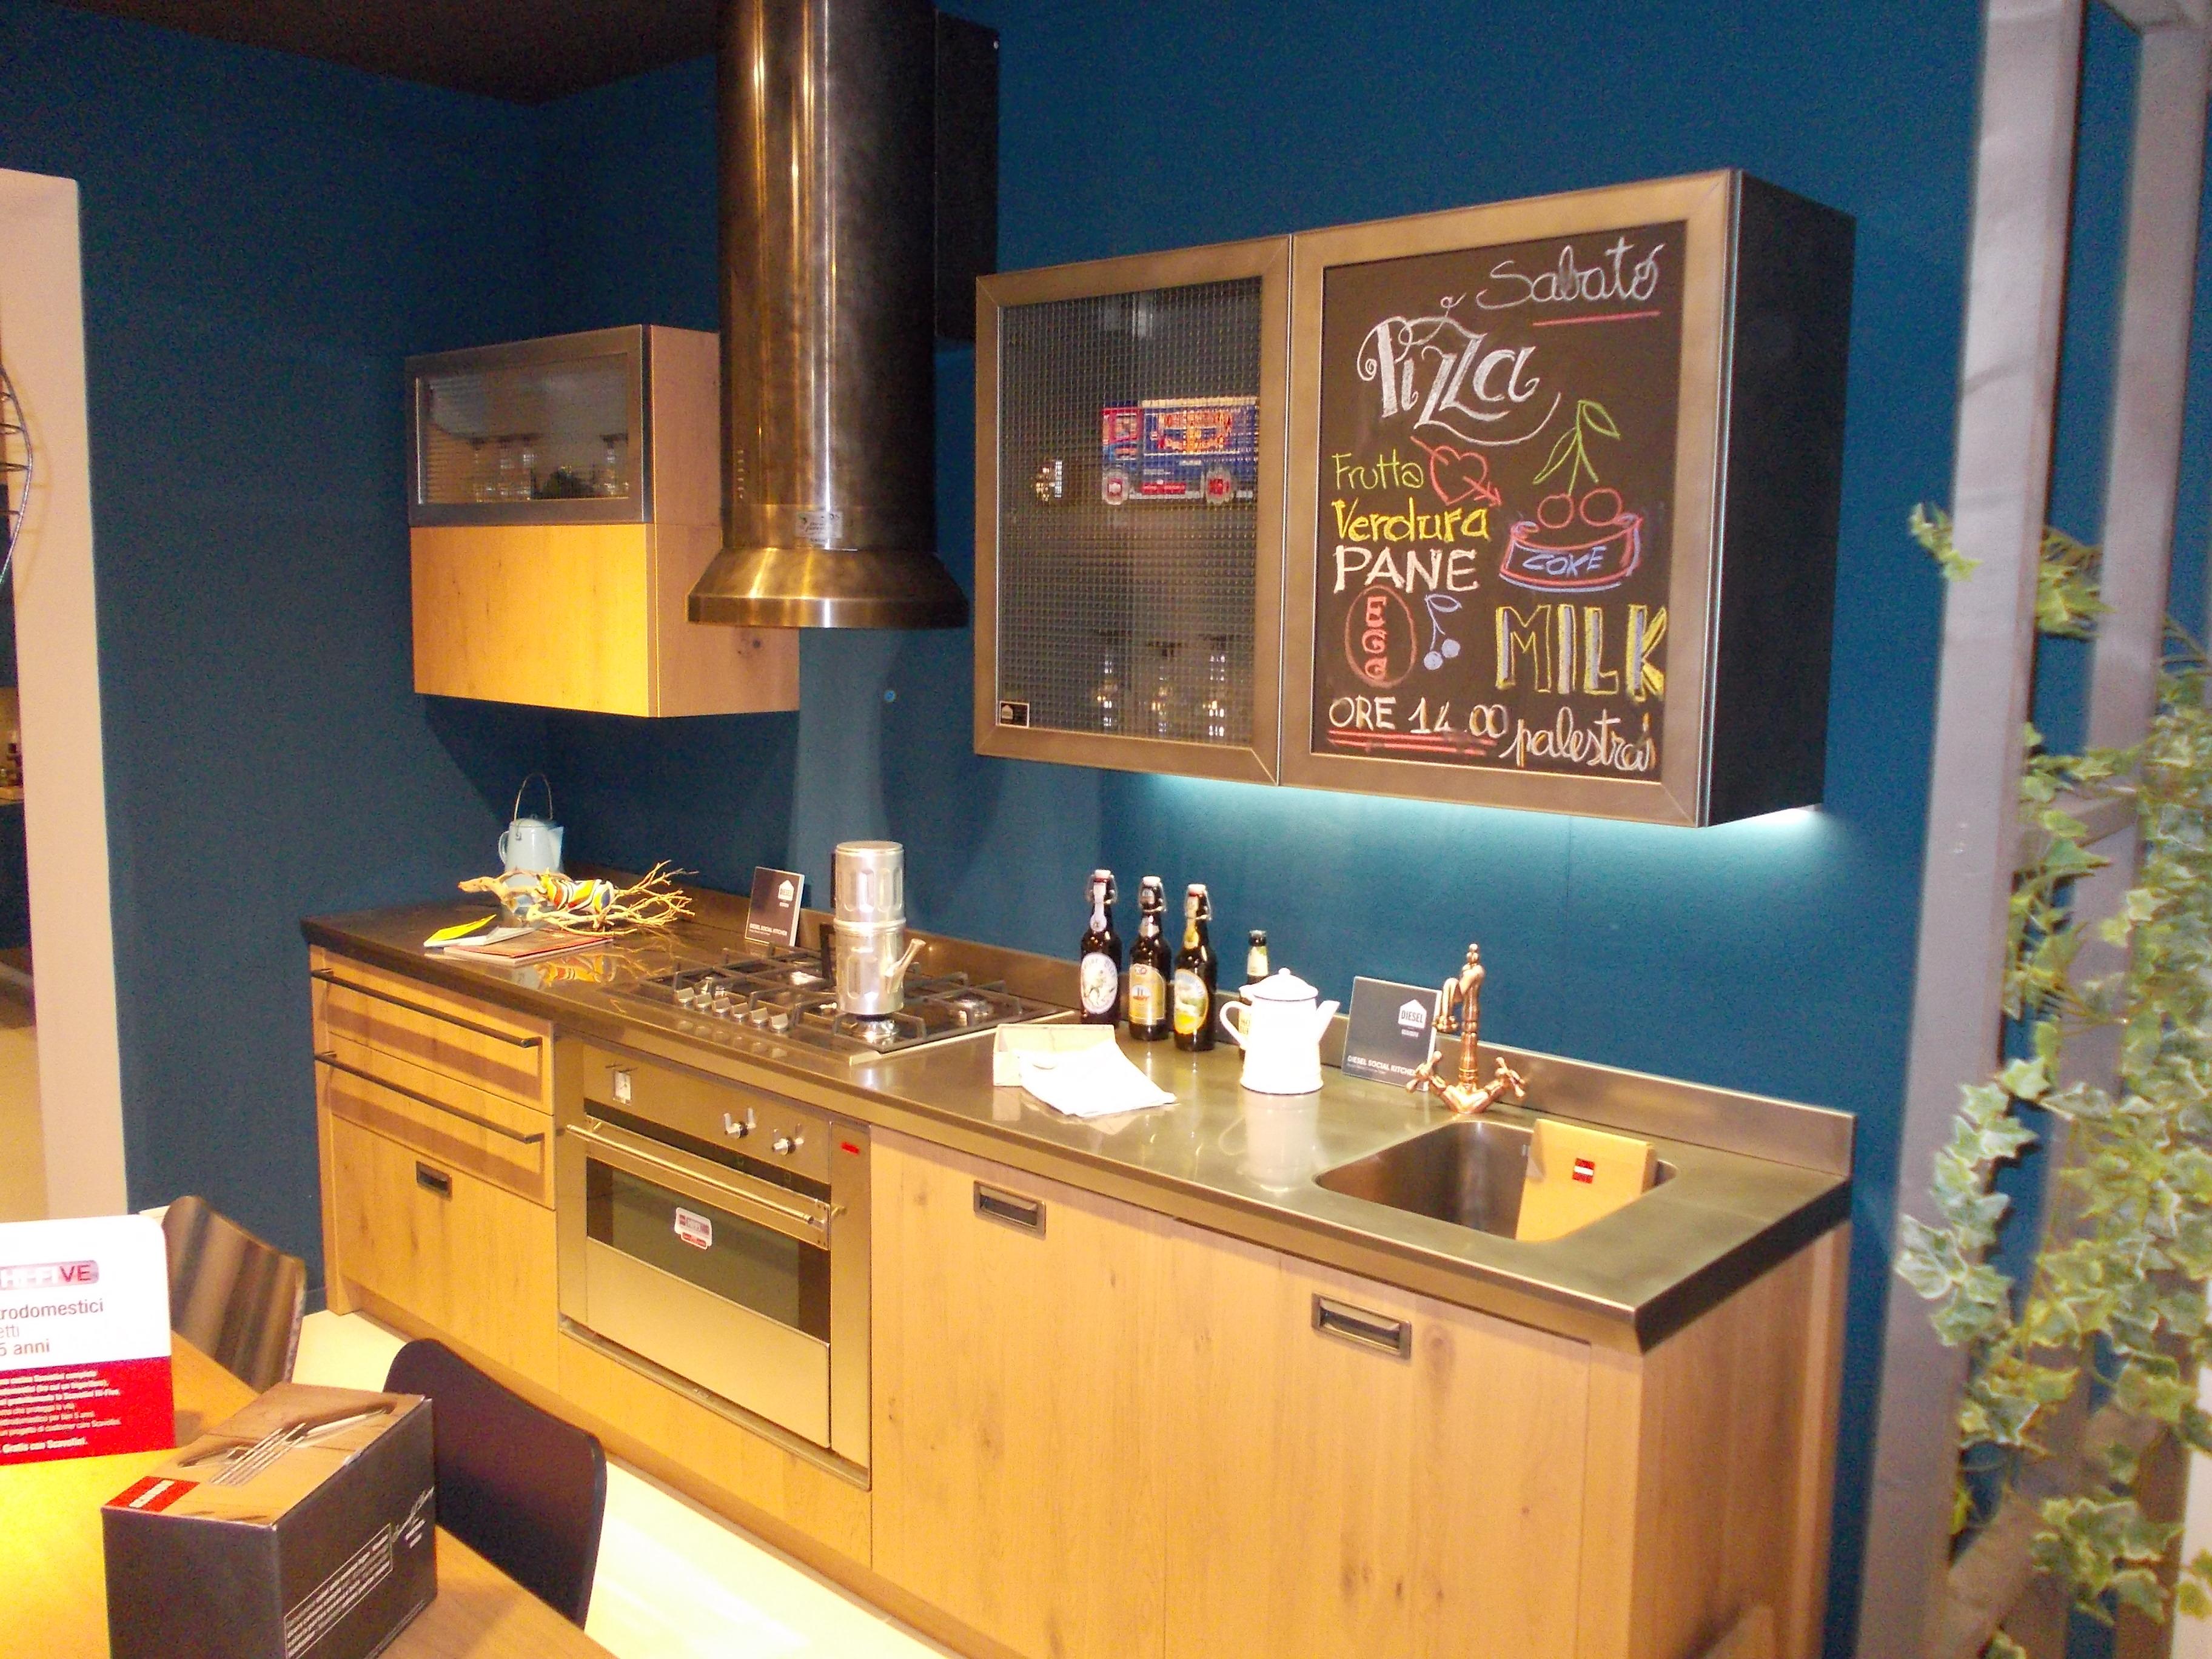 Cucina Diesel Social Kitchen di Scavolini - mobilinino.it